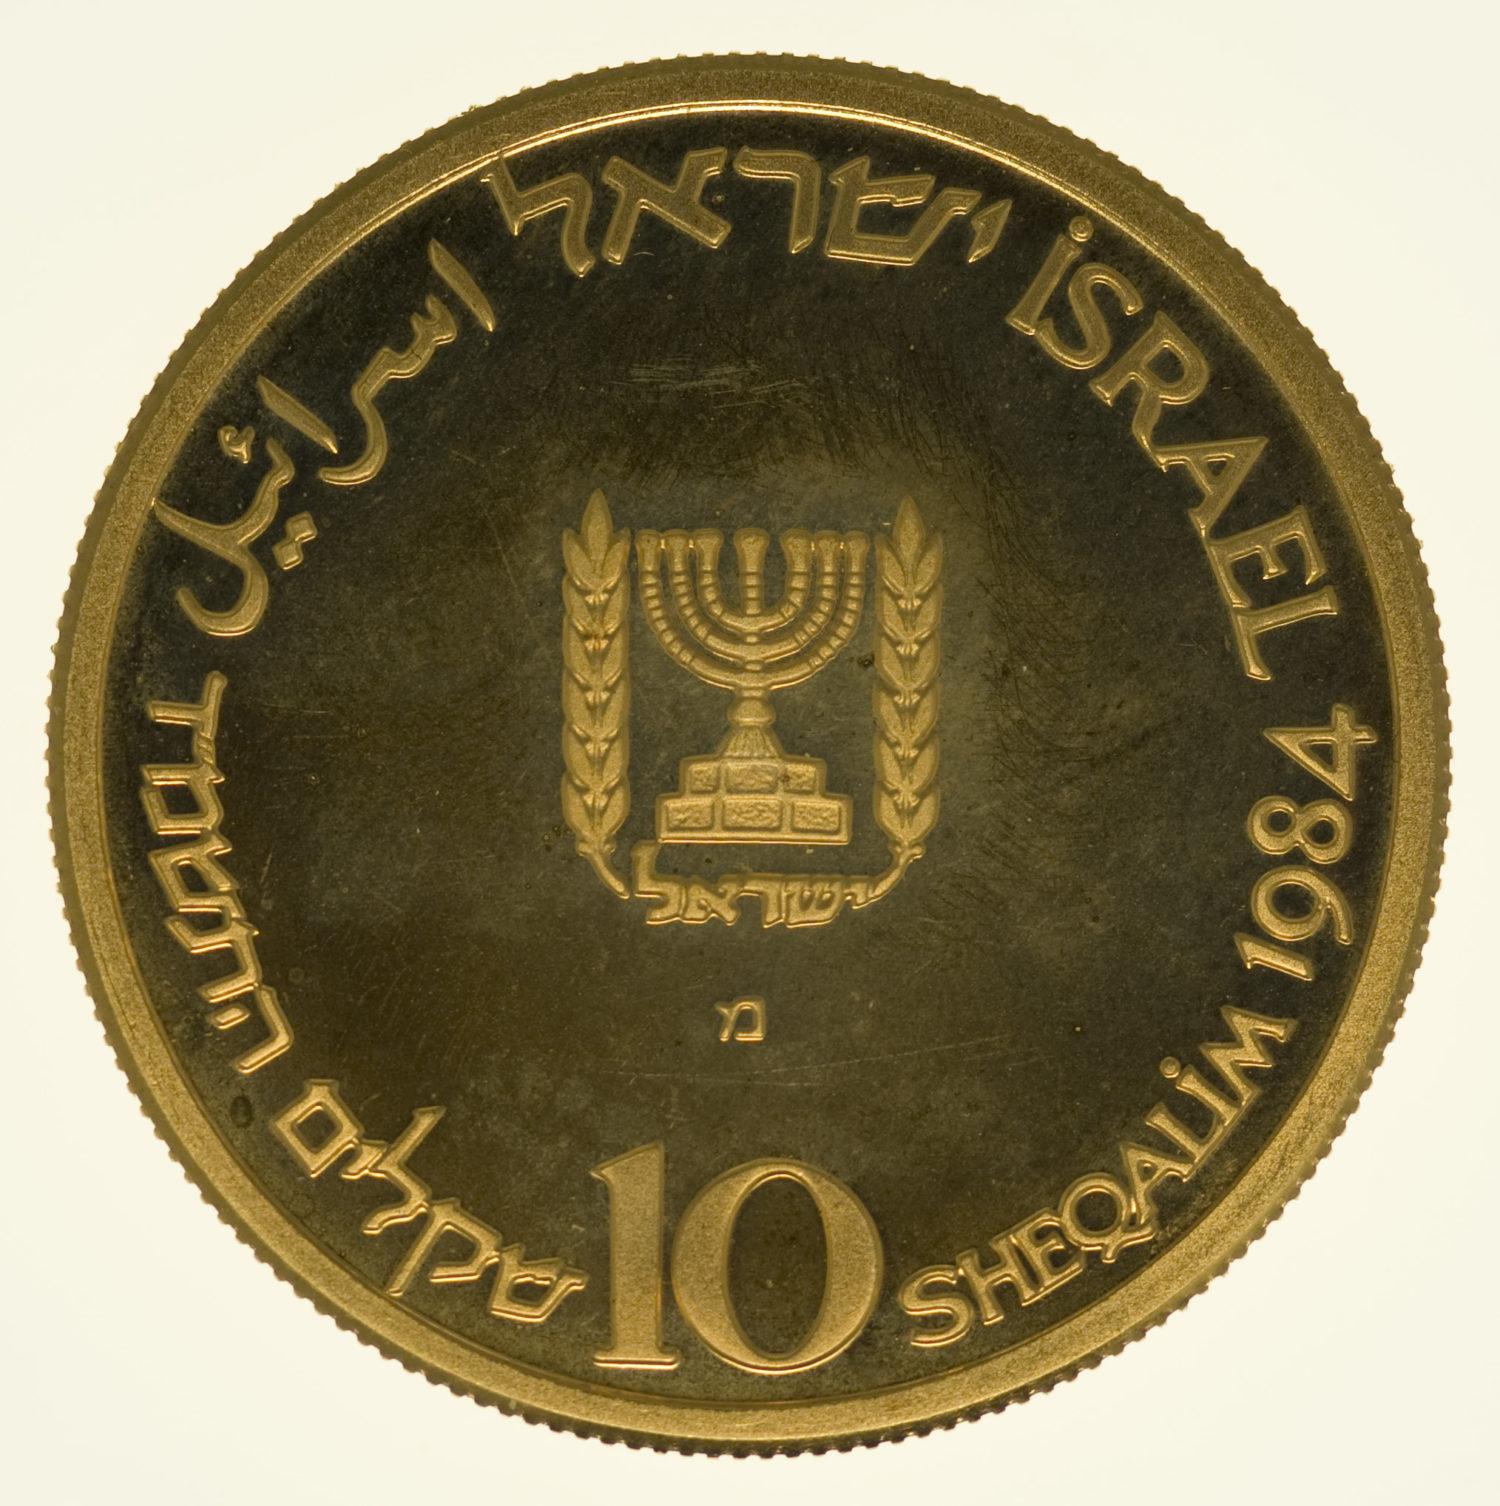 israel - Israel 10 Sheqalim 1984